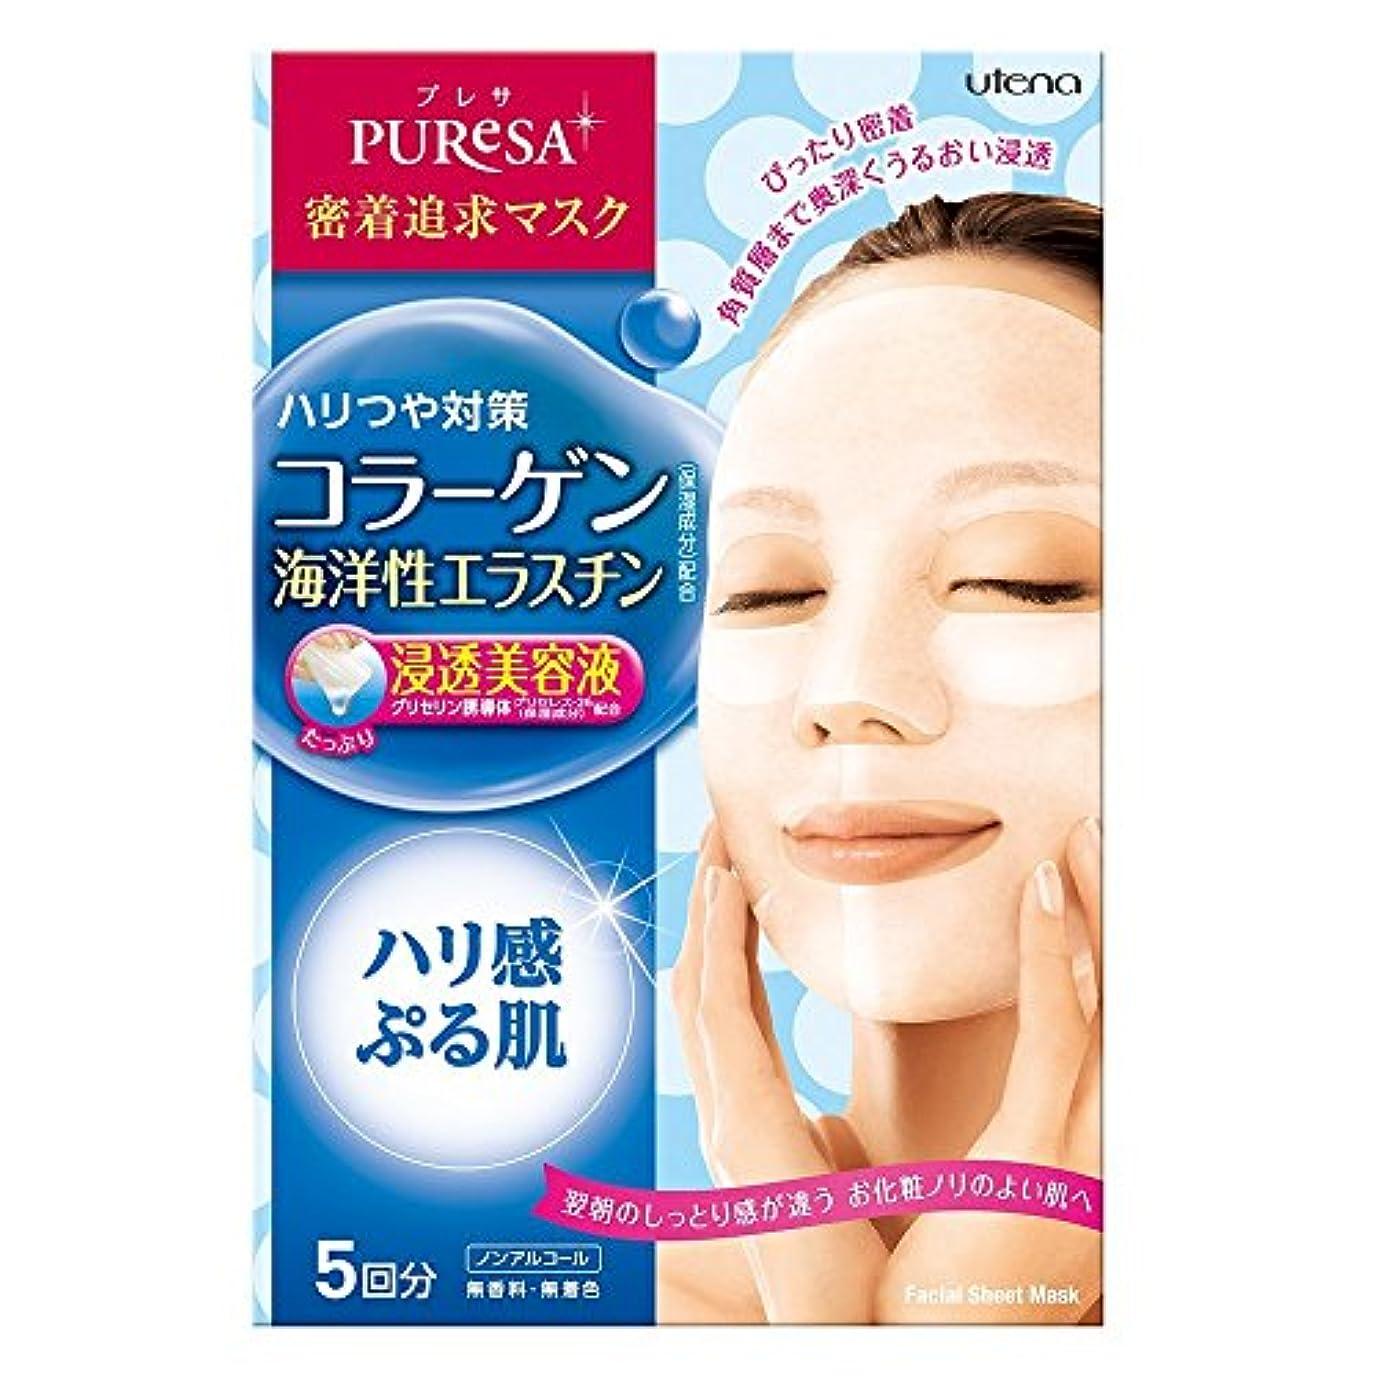 【まとめ買い】プレサ シートマスクCOb ×2セット